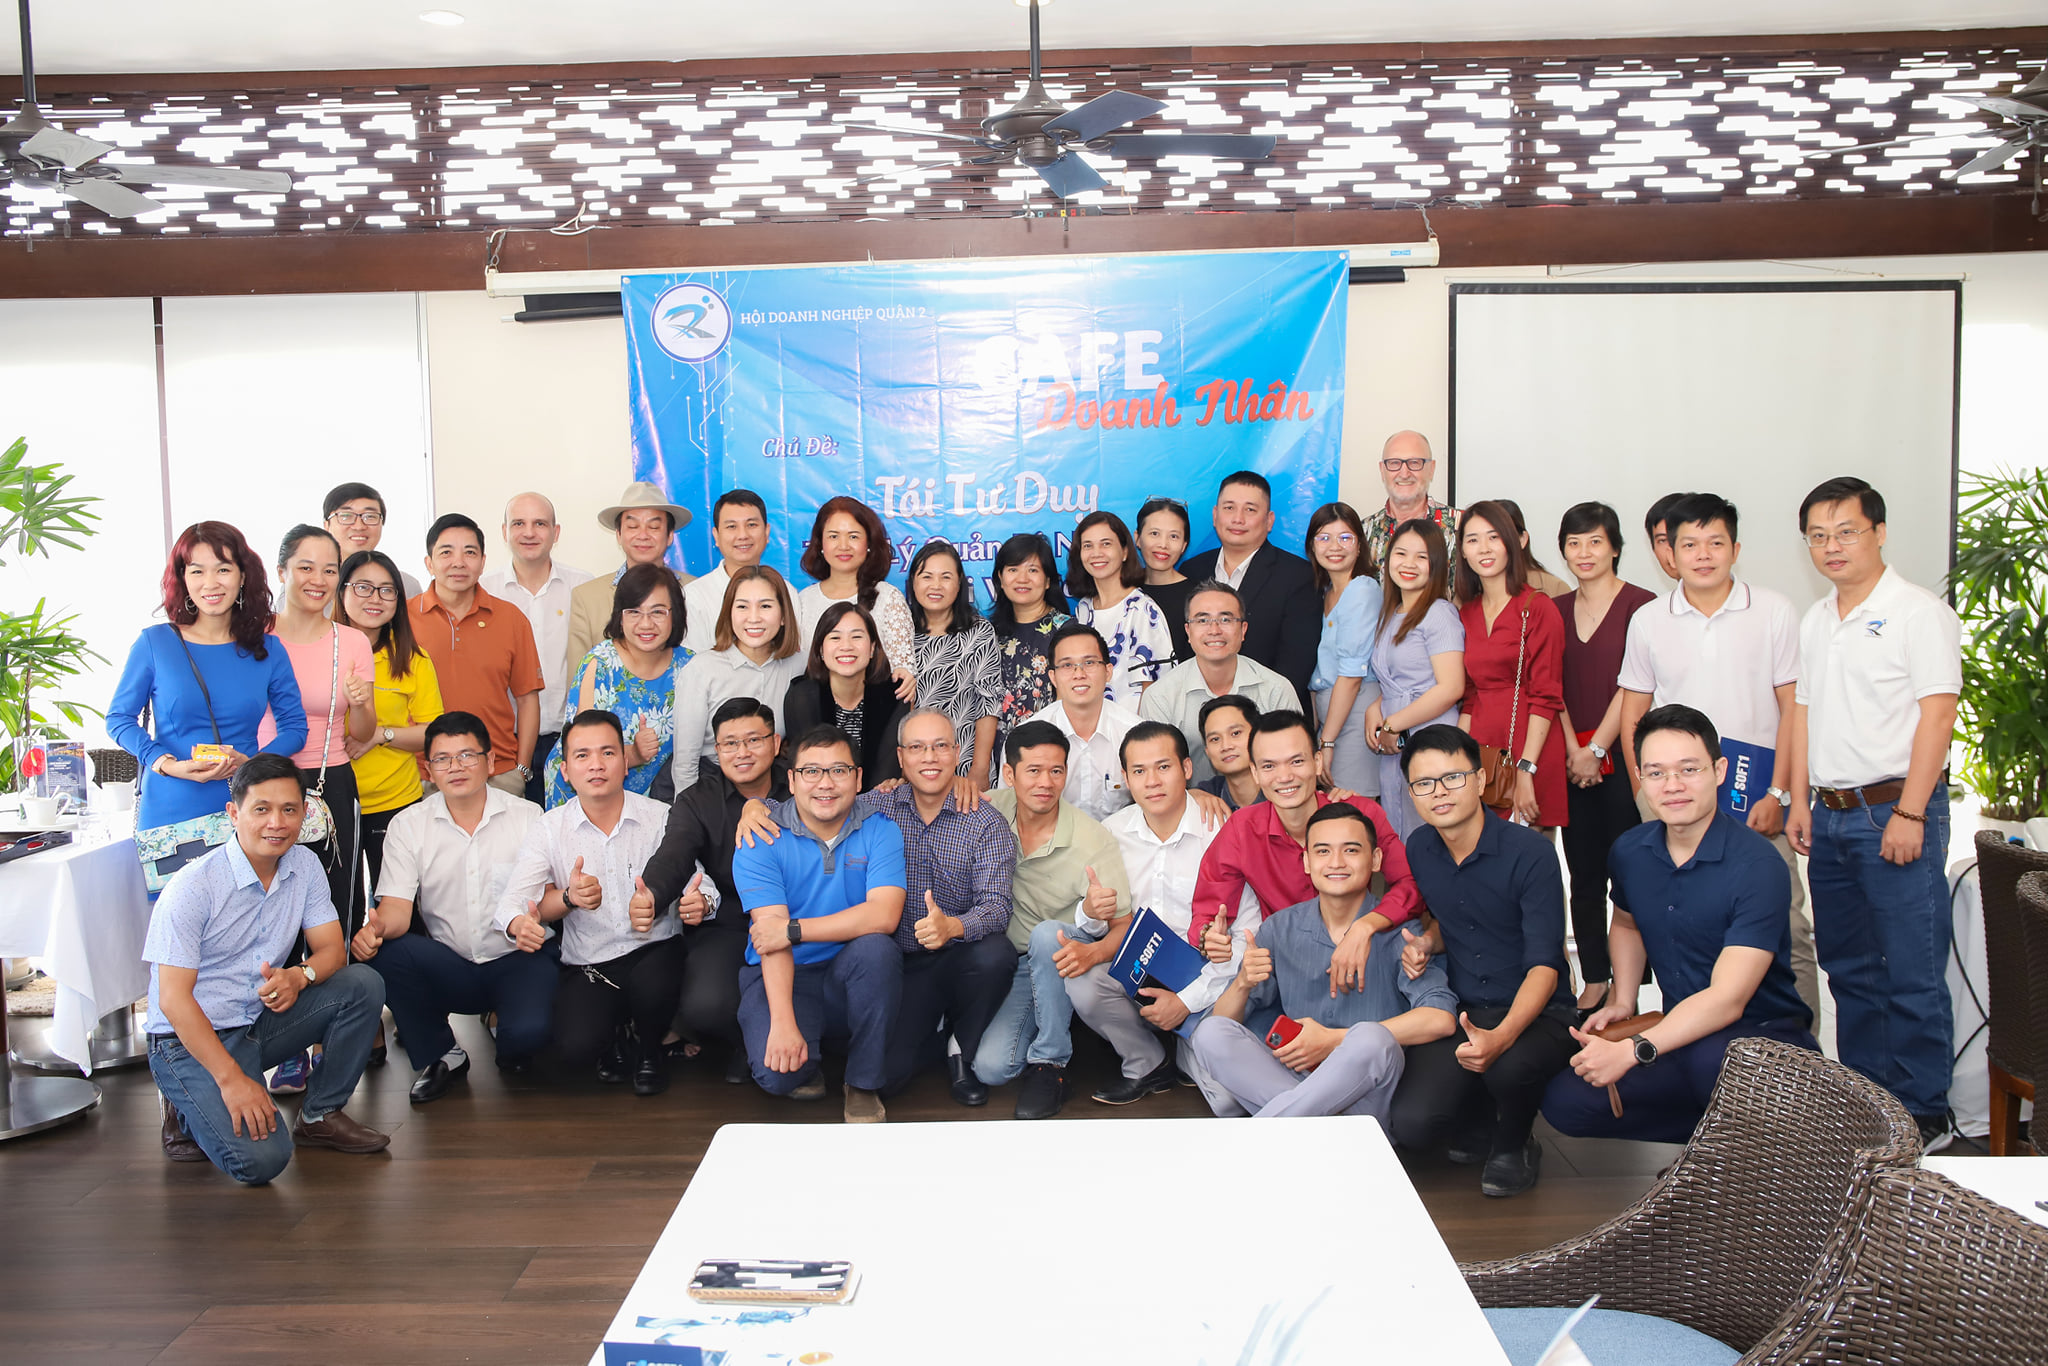 Chương trình giao lưu cafe Doanh nhân tháng 6 Hội doanh nghiệp Quận 2